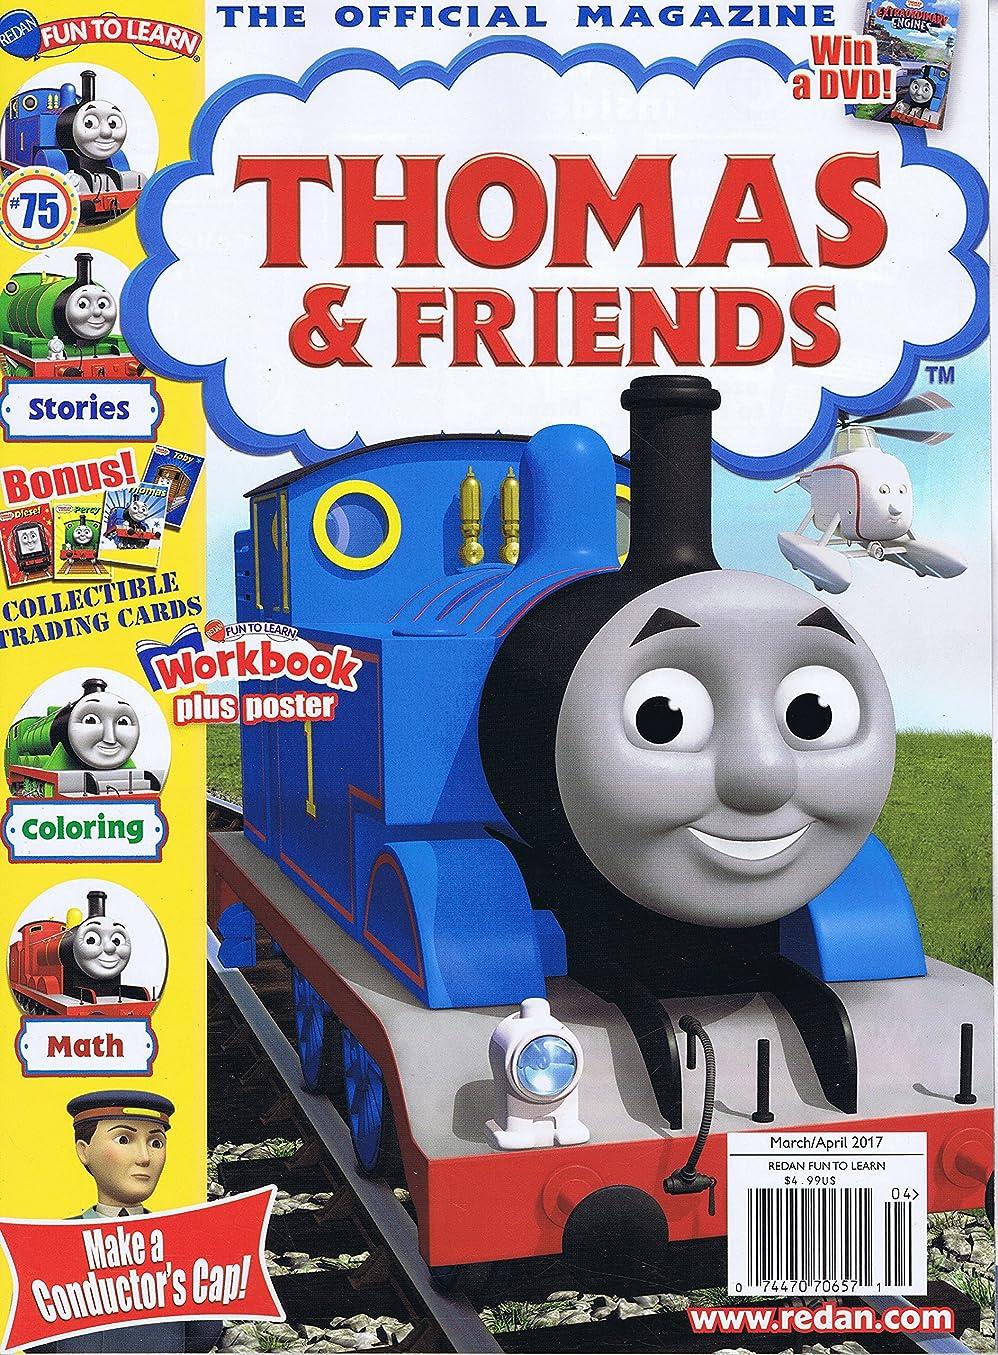 タブレットハーネス更新するRedan Fun To Learn Thomas [US] March - April 2017 (単号)